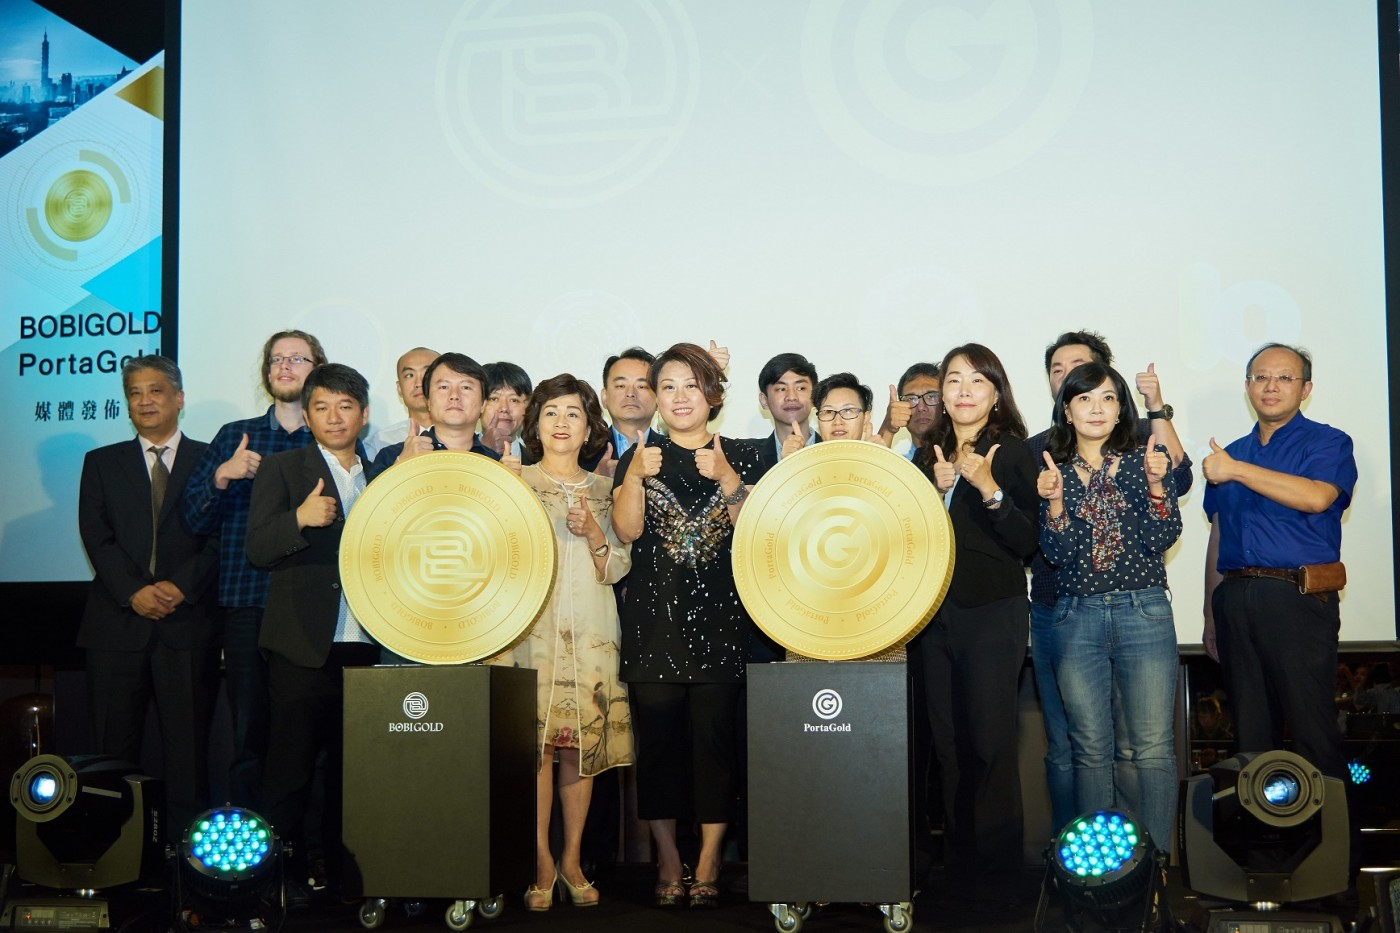 互慧國際推出BOBIGOLD、PortaGOLD二大加密幣